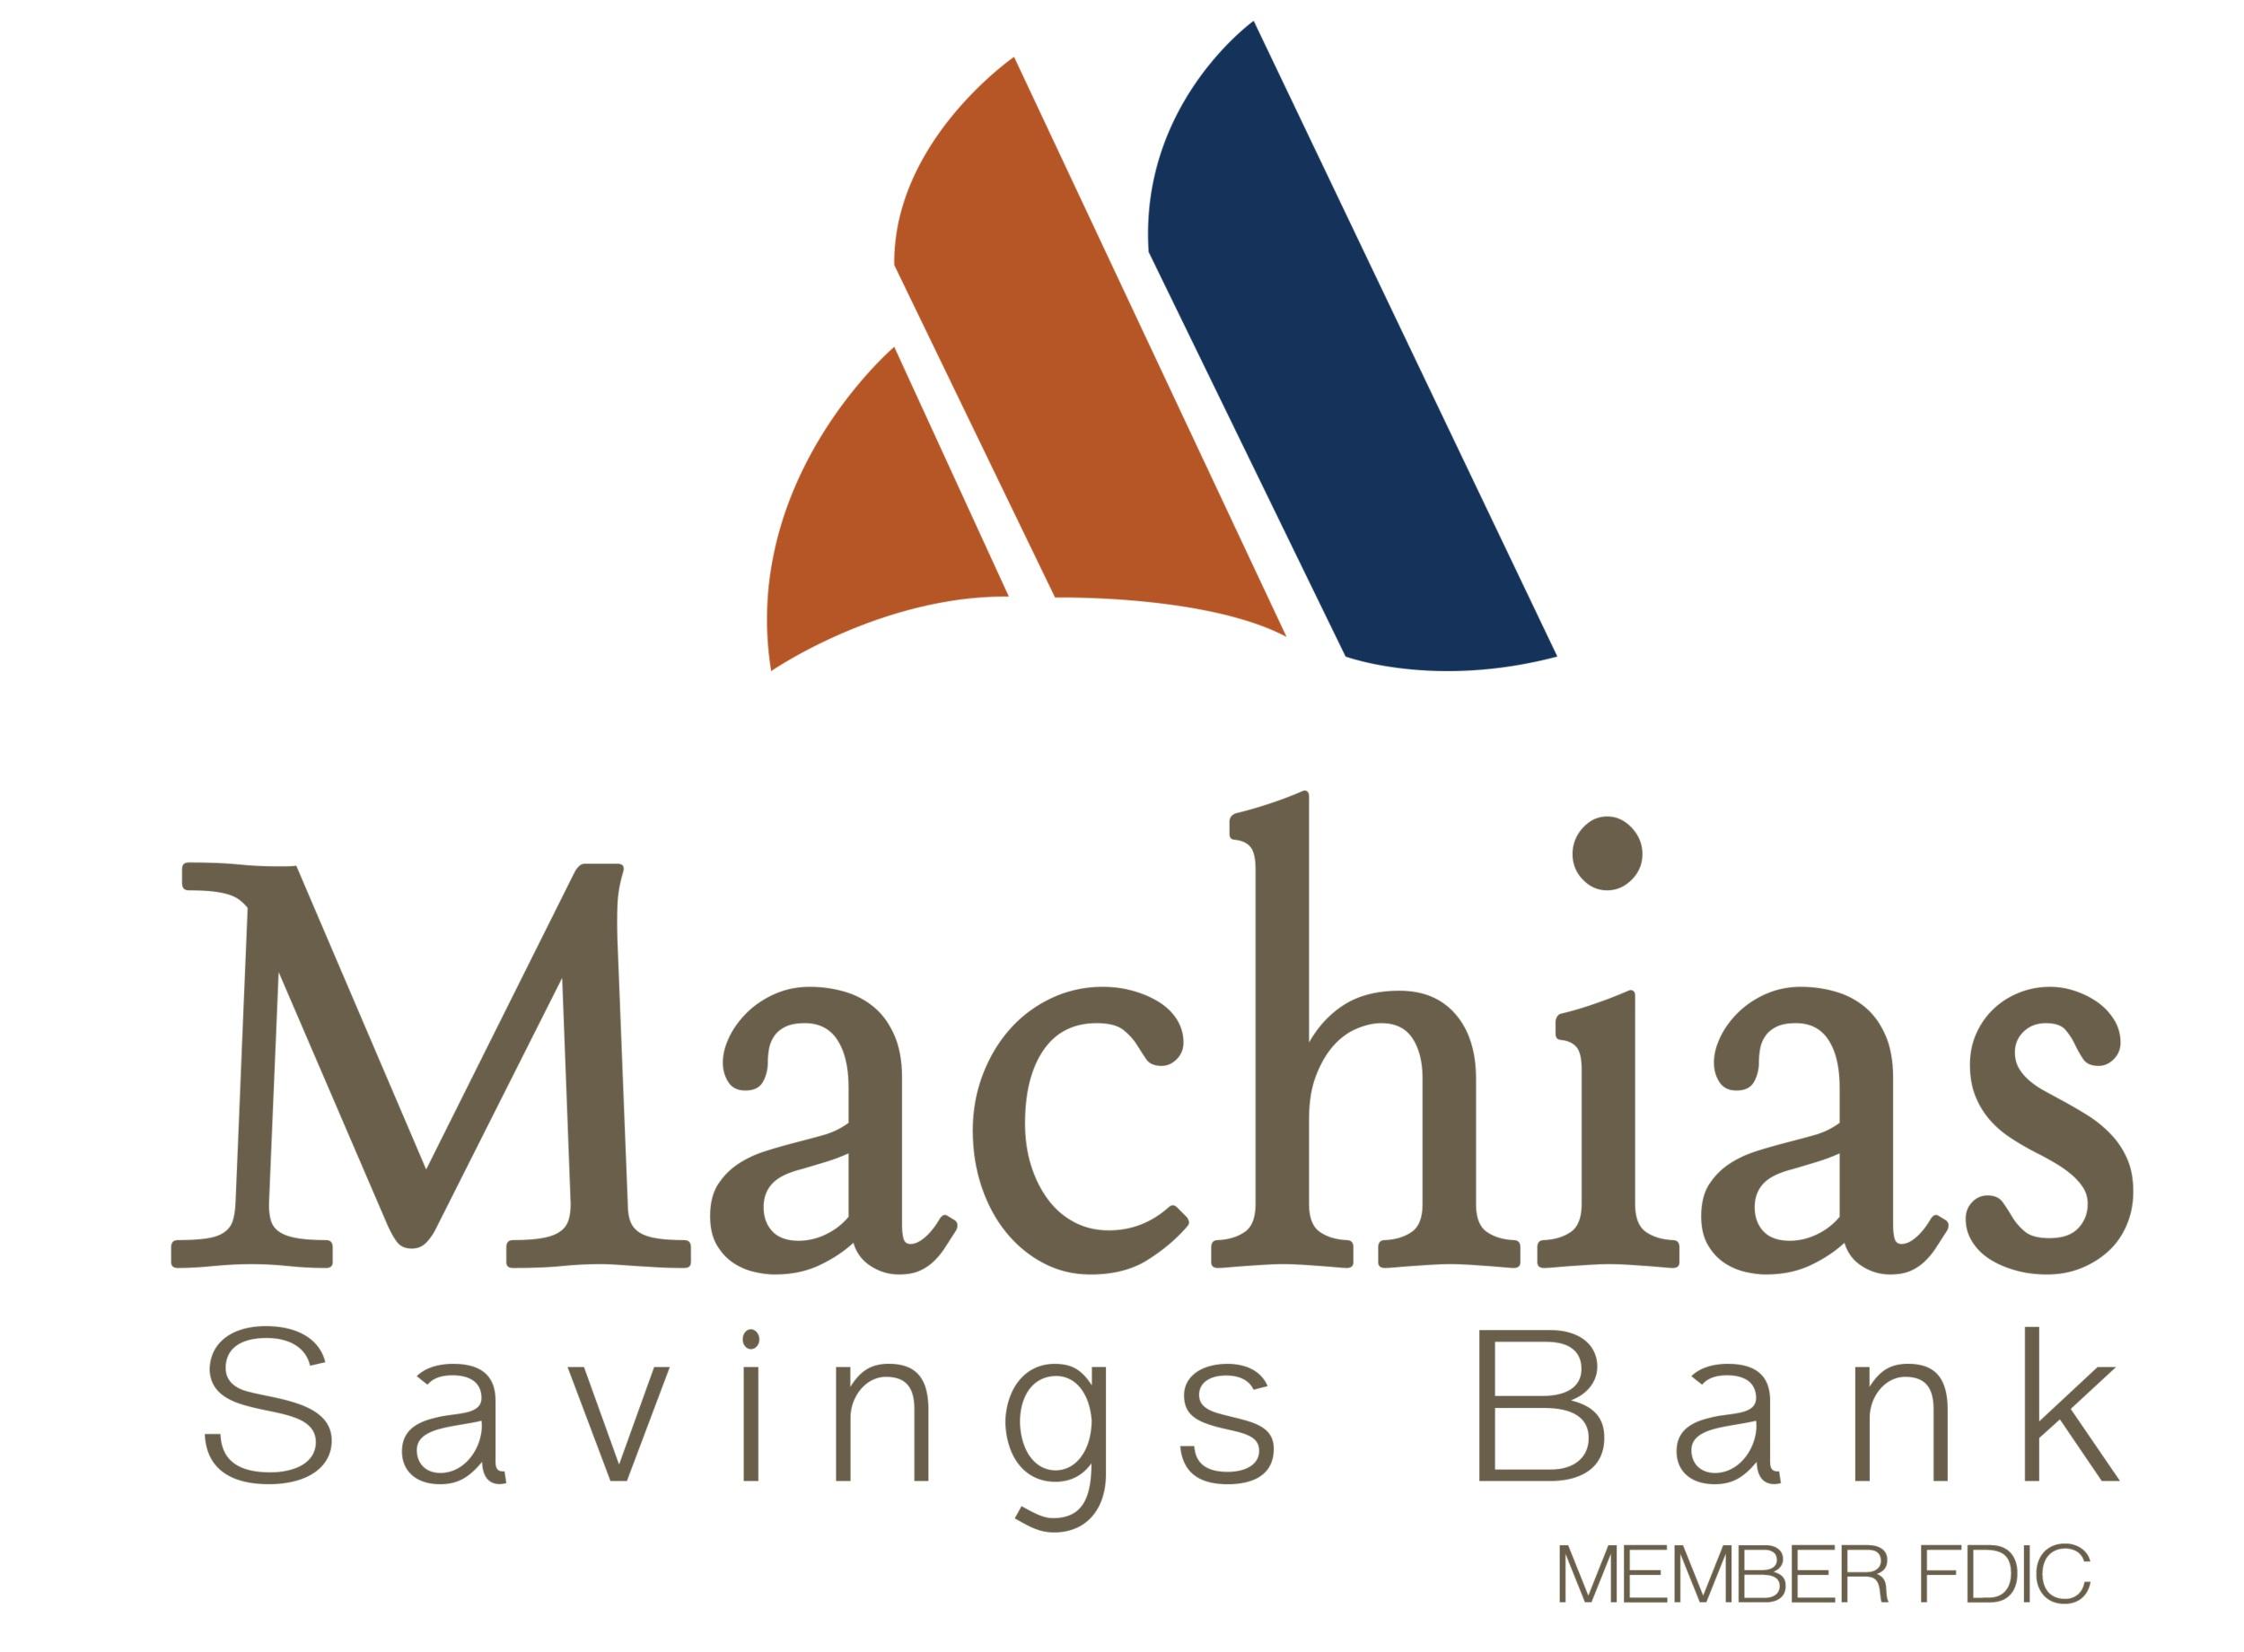 msb+logo.jpg